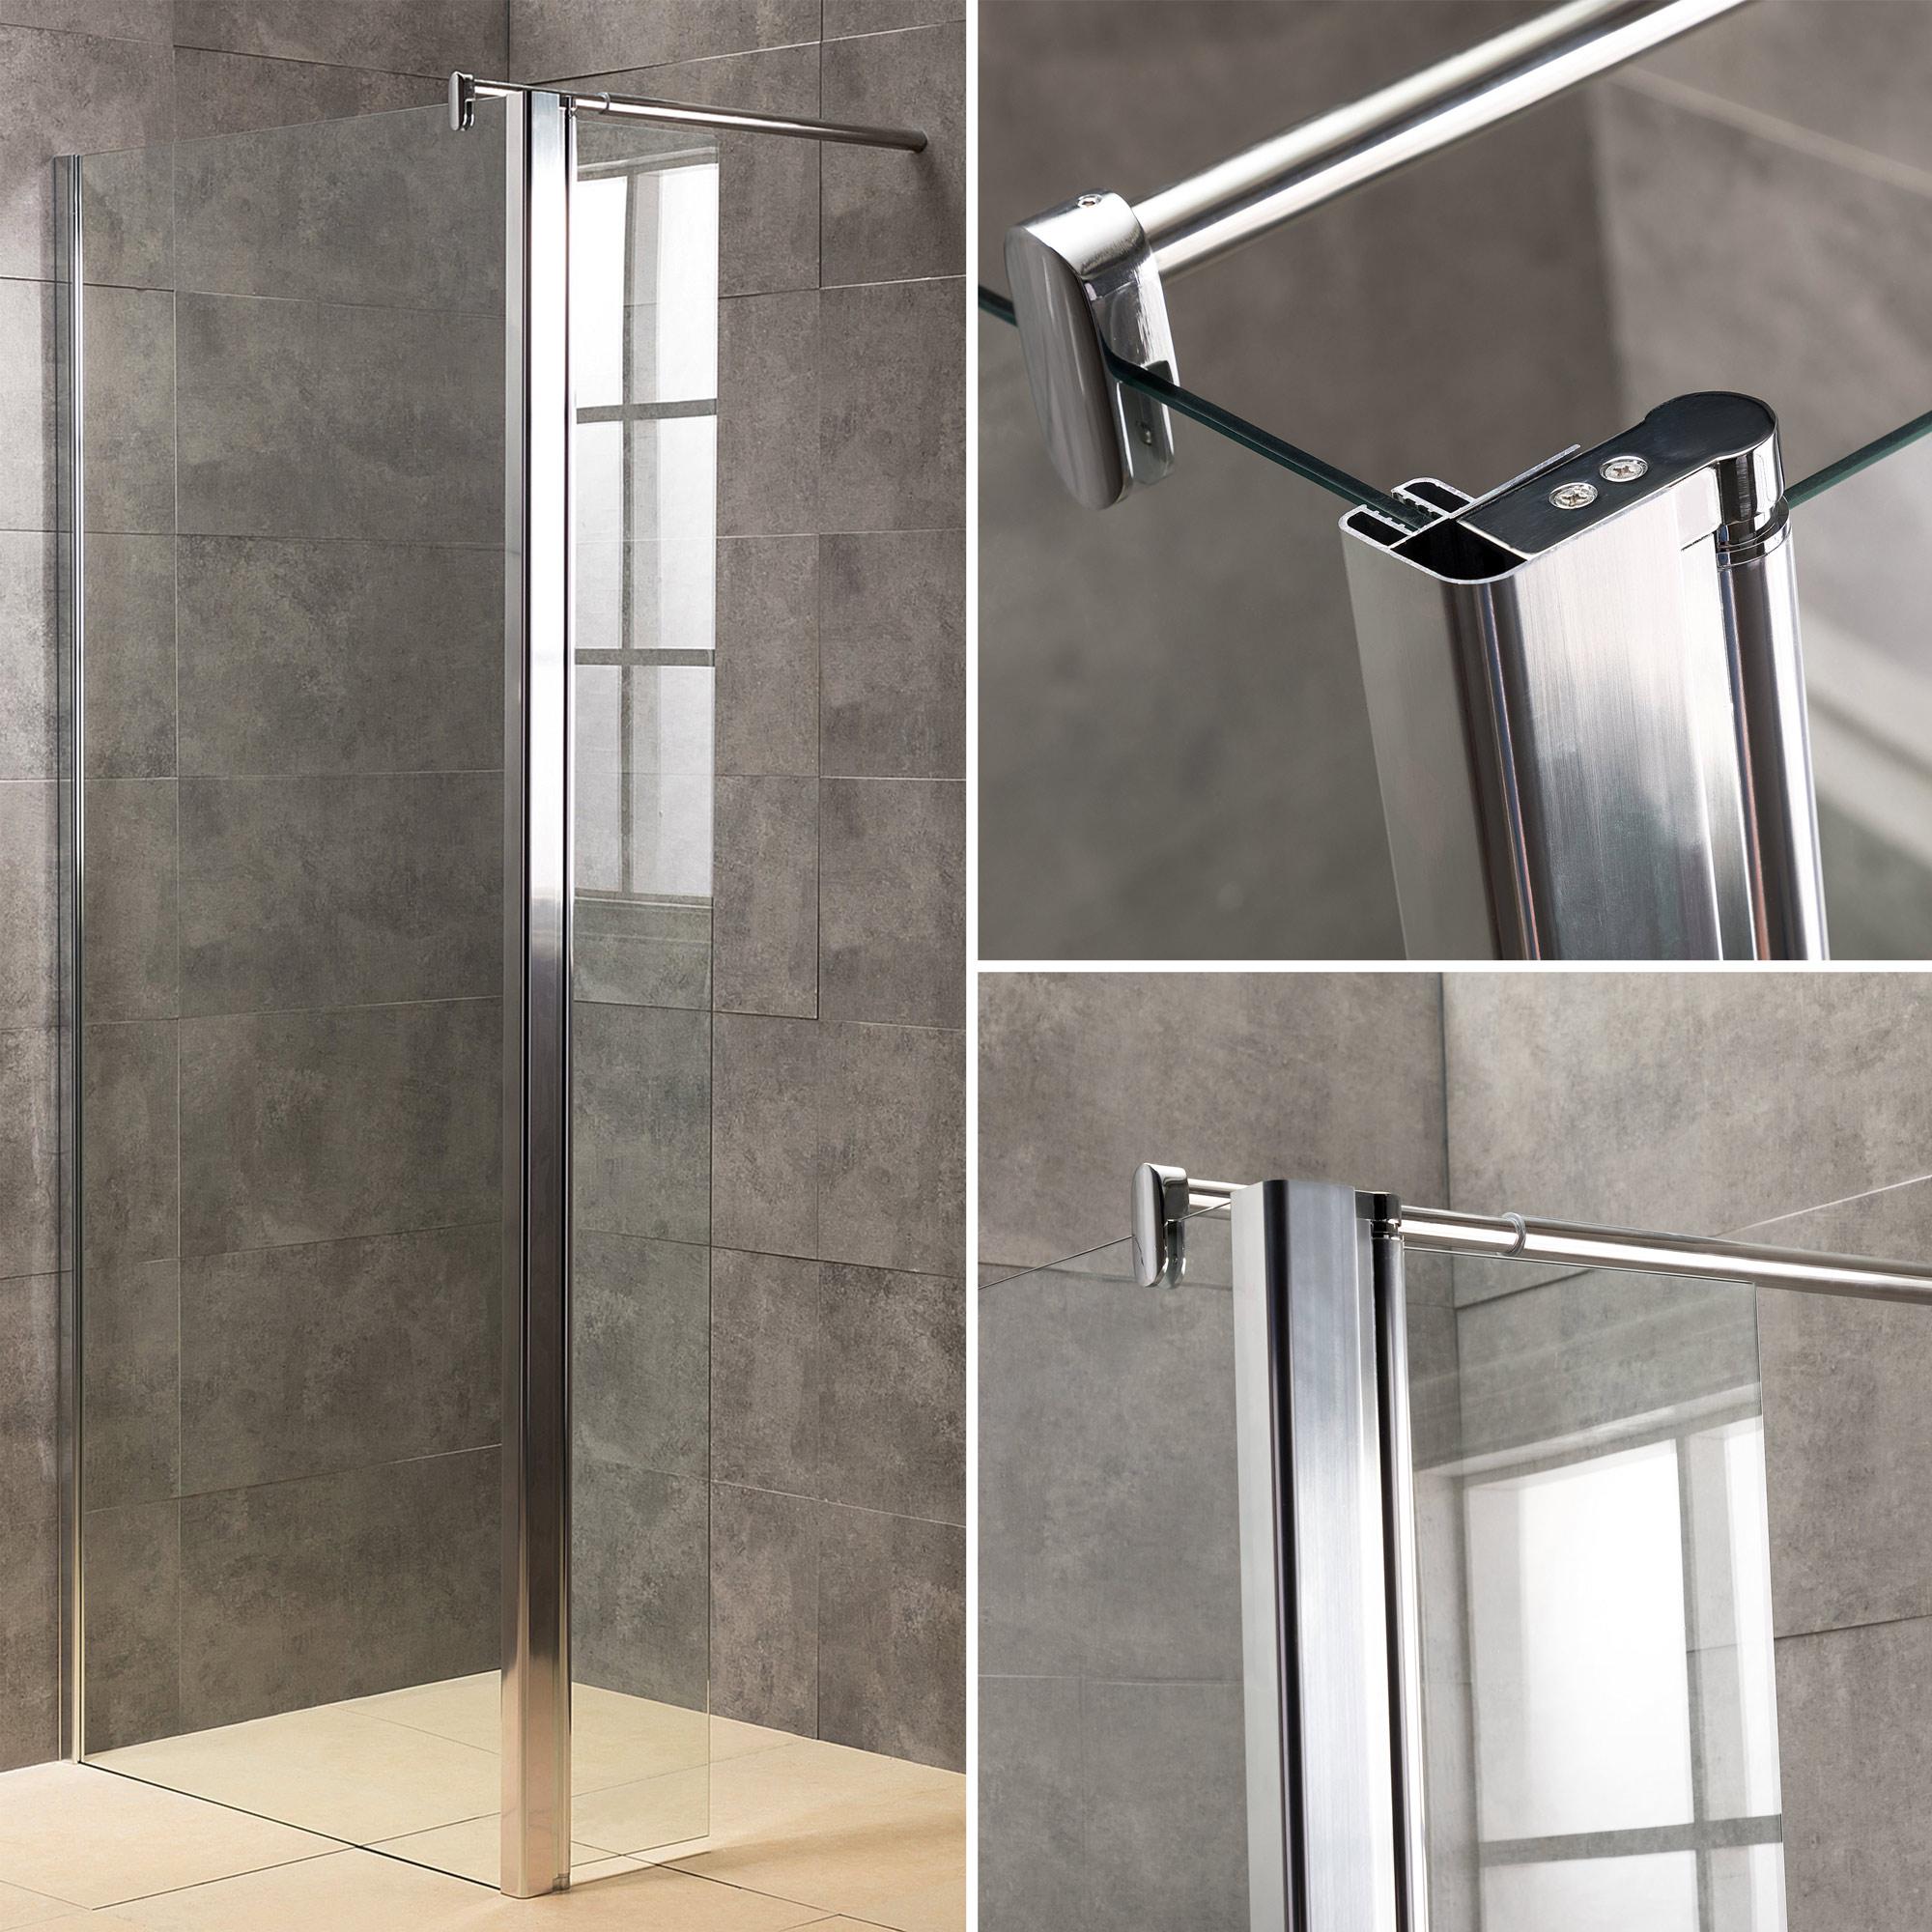 Viesta Duschwand, Duschtrennwand DWP120 - inkl. Eckpaneel (30 cm) - Duschabtrennung aus ESG Sicherheitsglas mit Nano-Beschichtung und Montagezubehör 120x195 cm